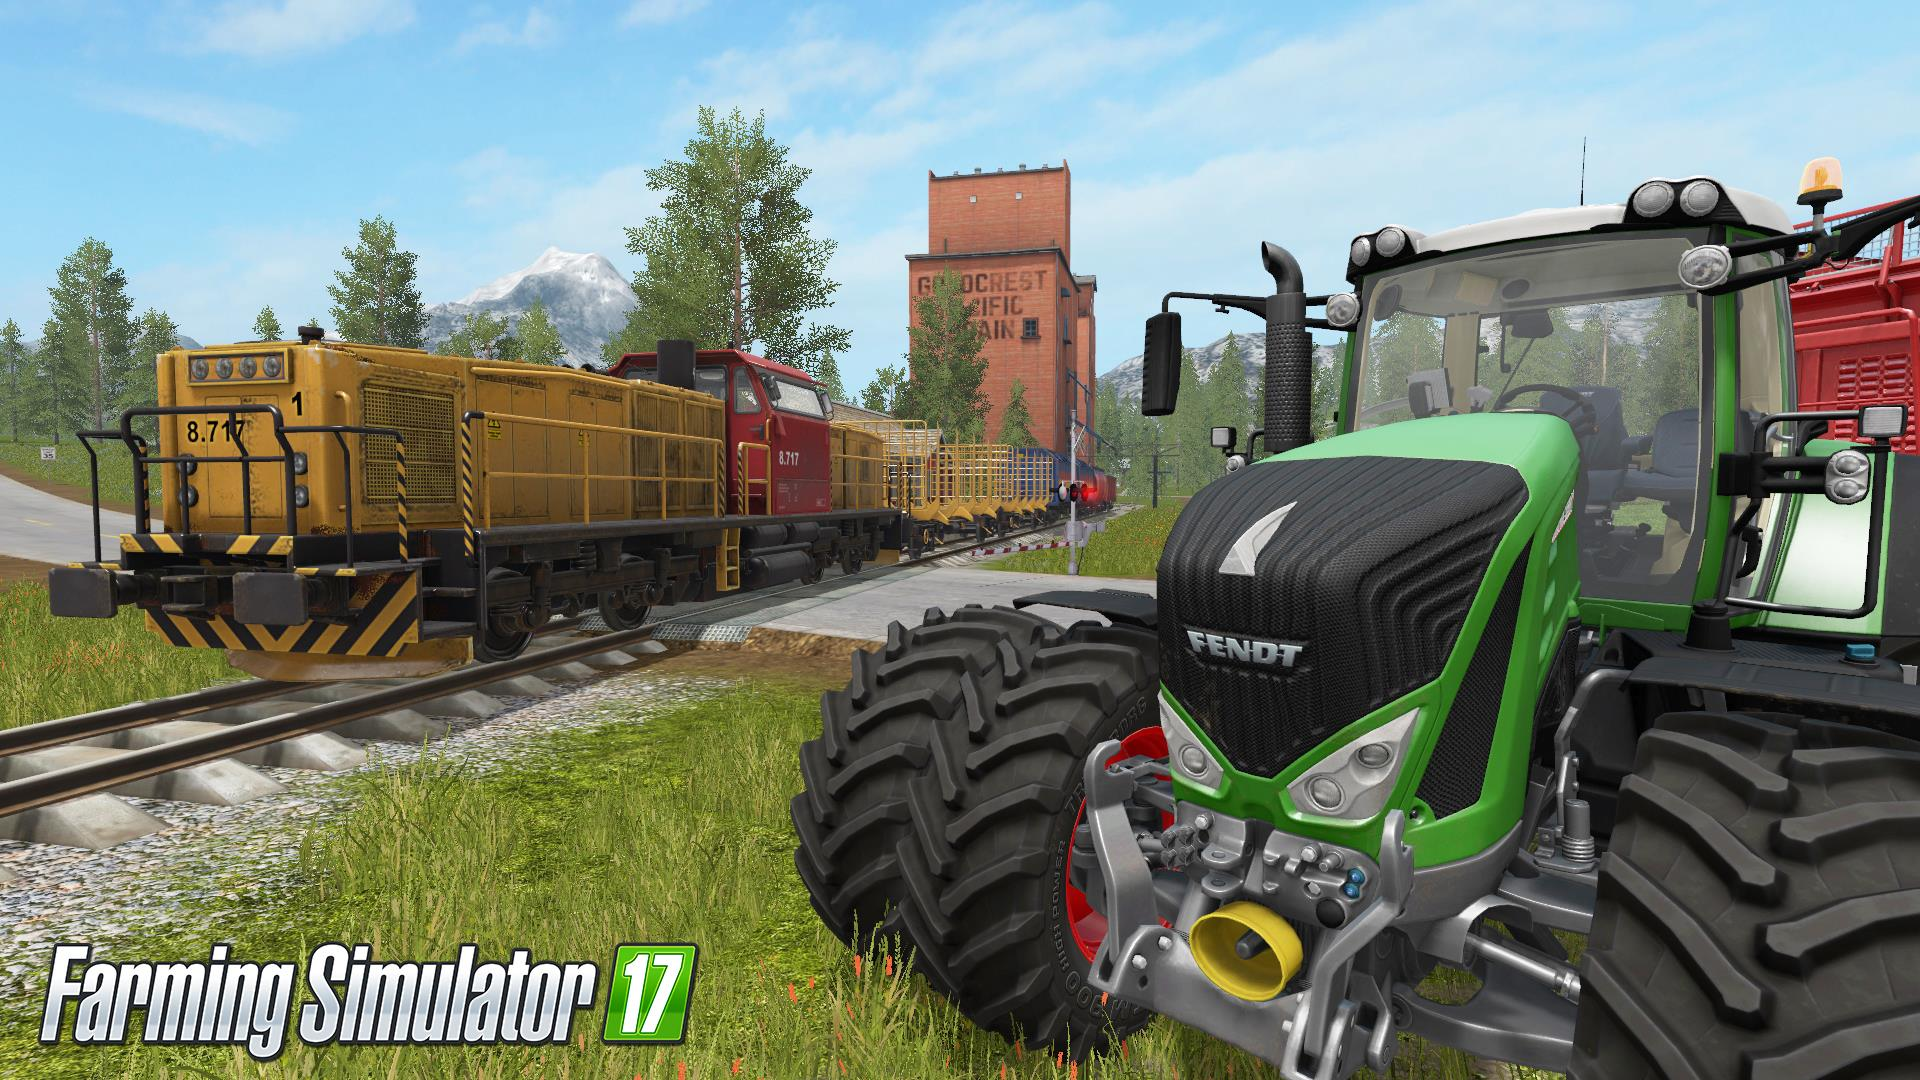 farming-simulator-17-dev-blog-trains-4